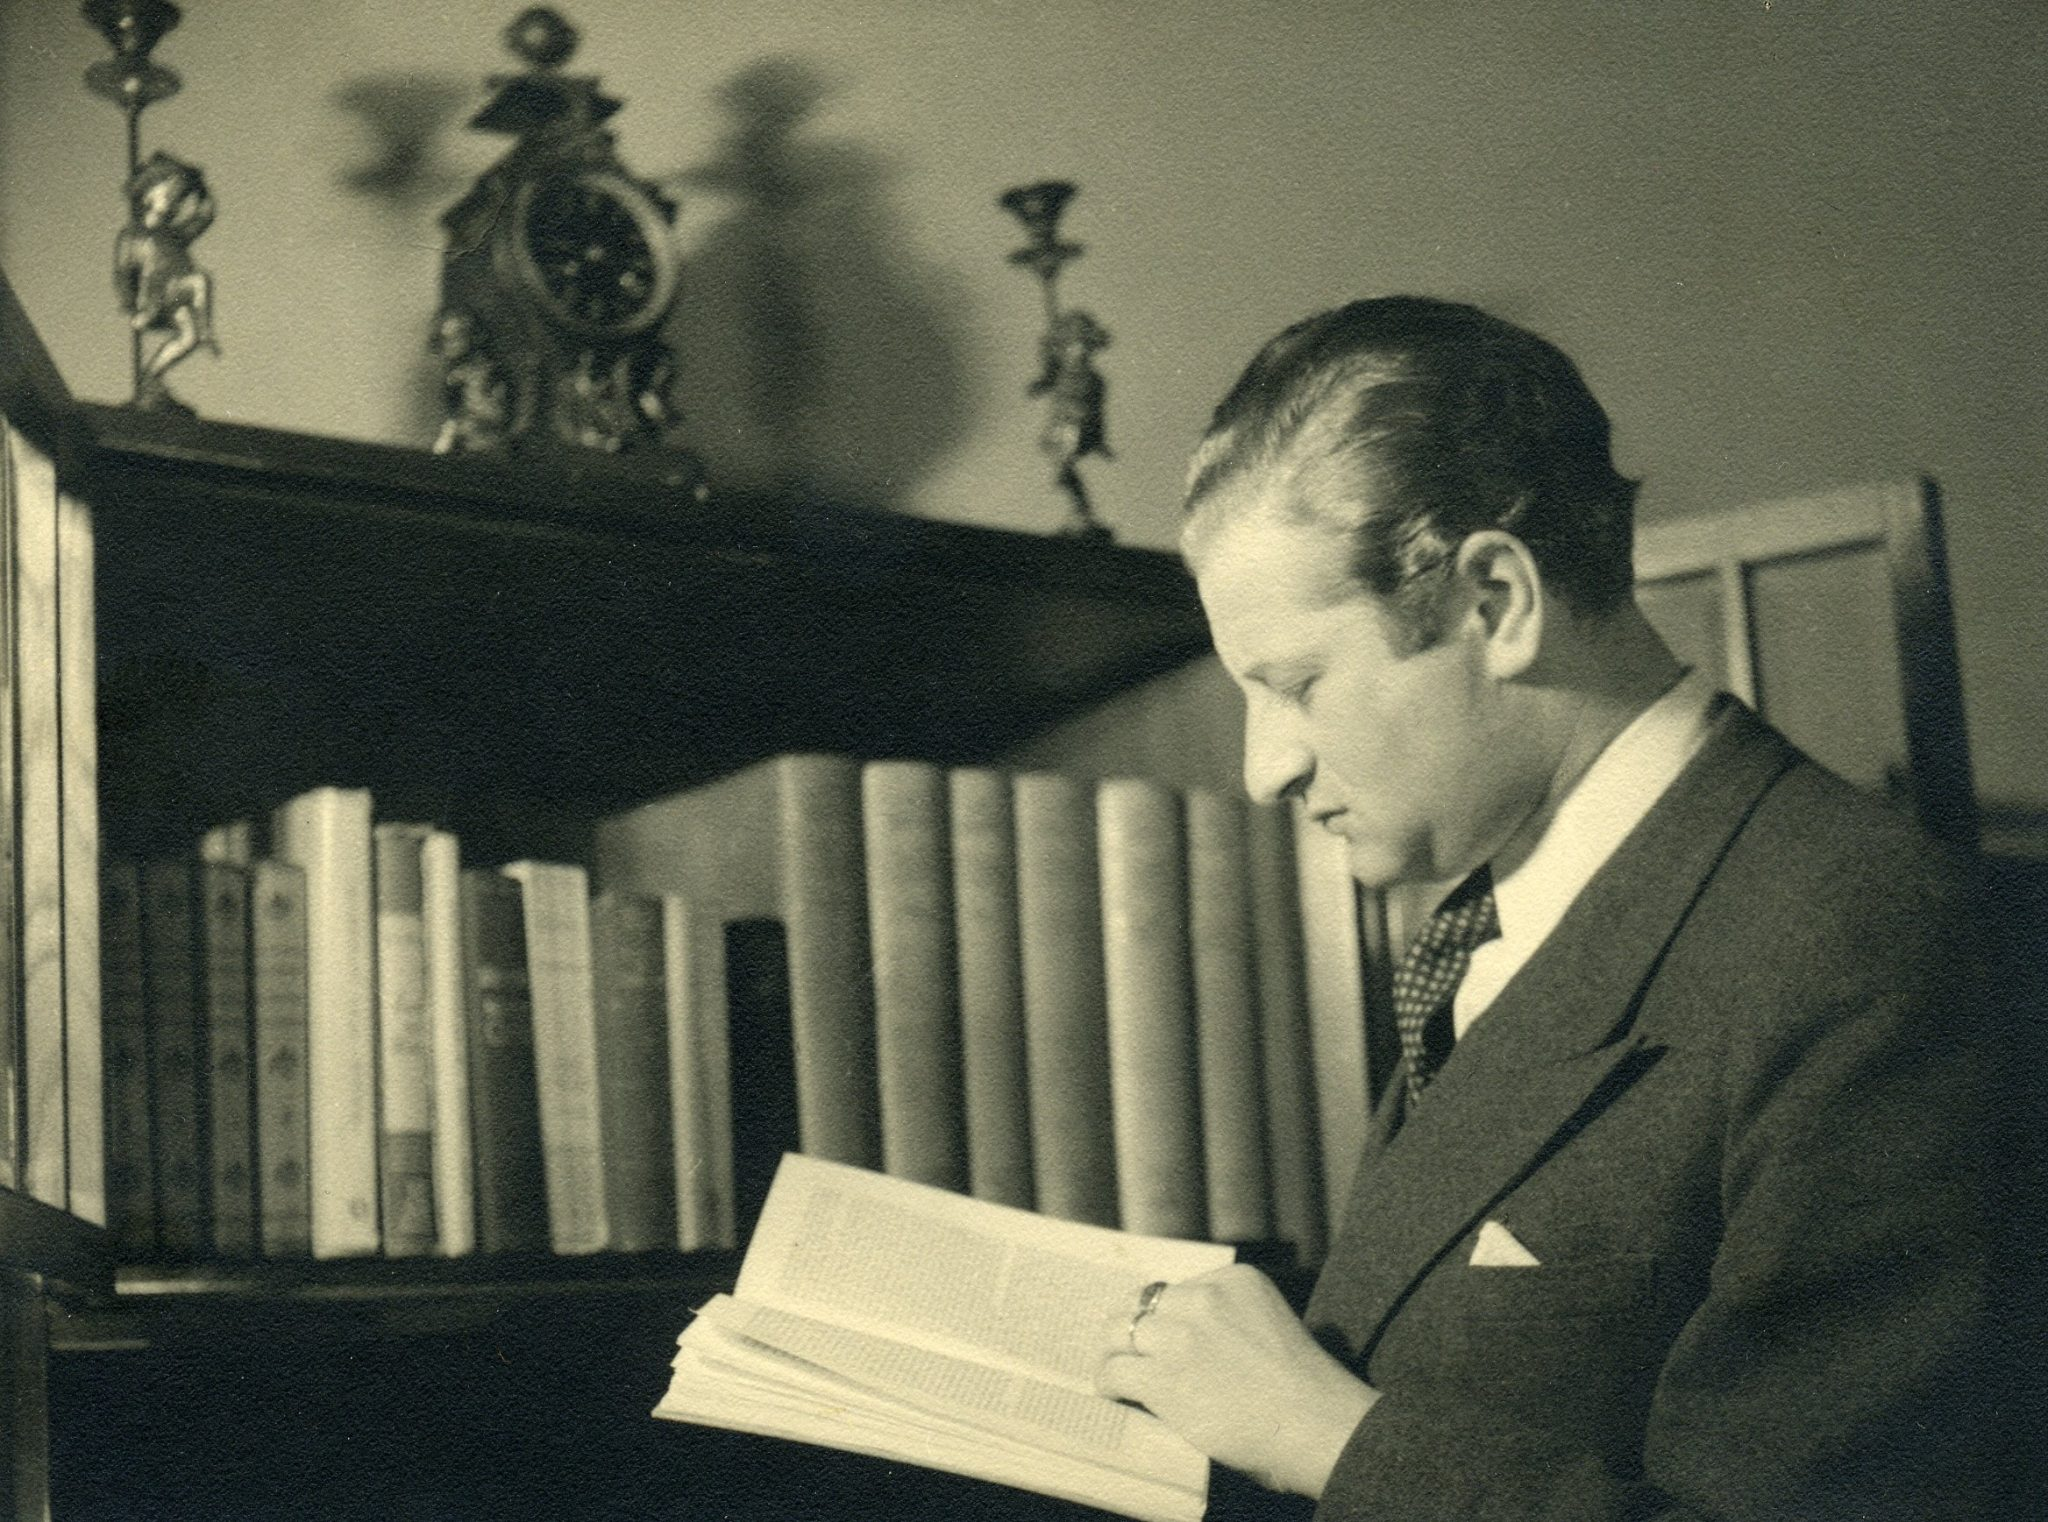 Bruno Kreisky in Schweden, 1942